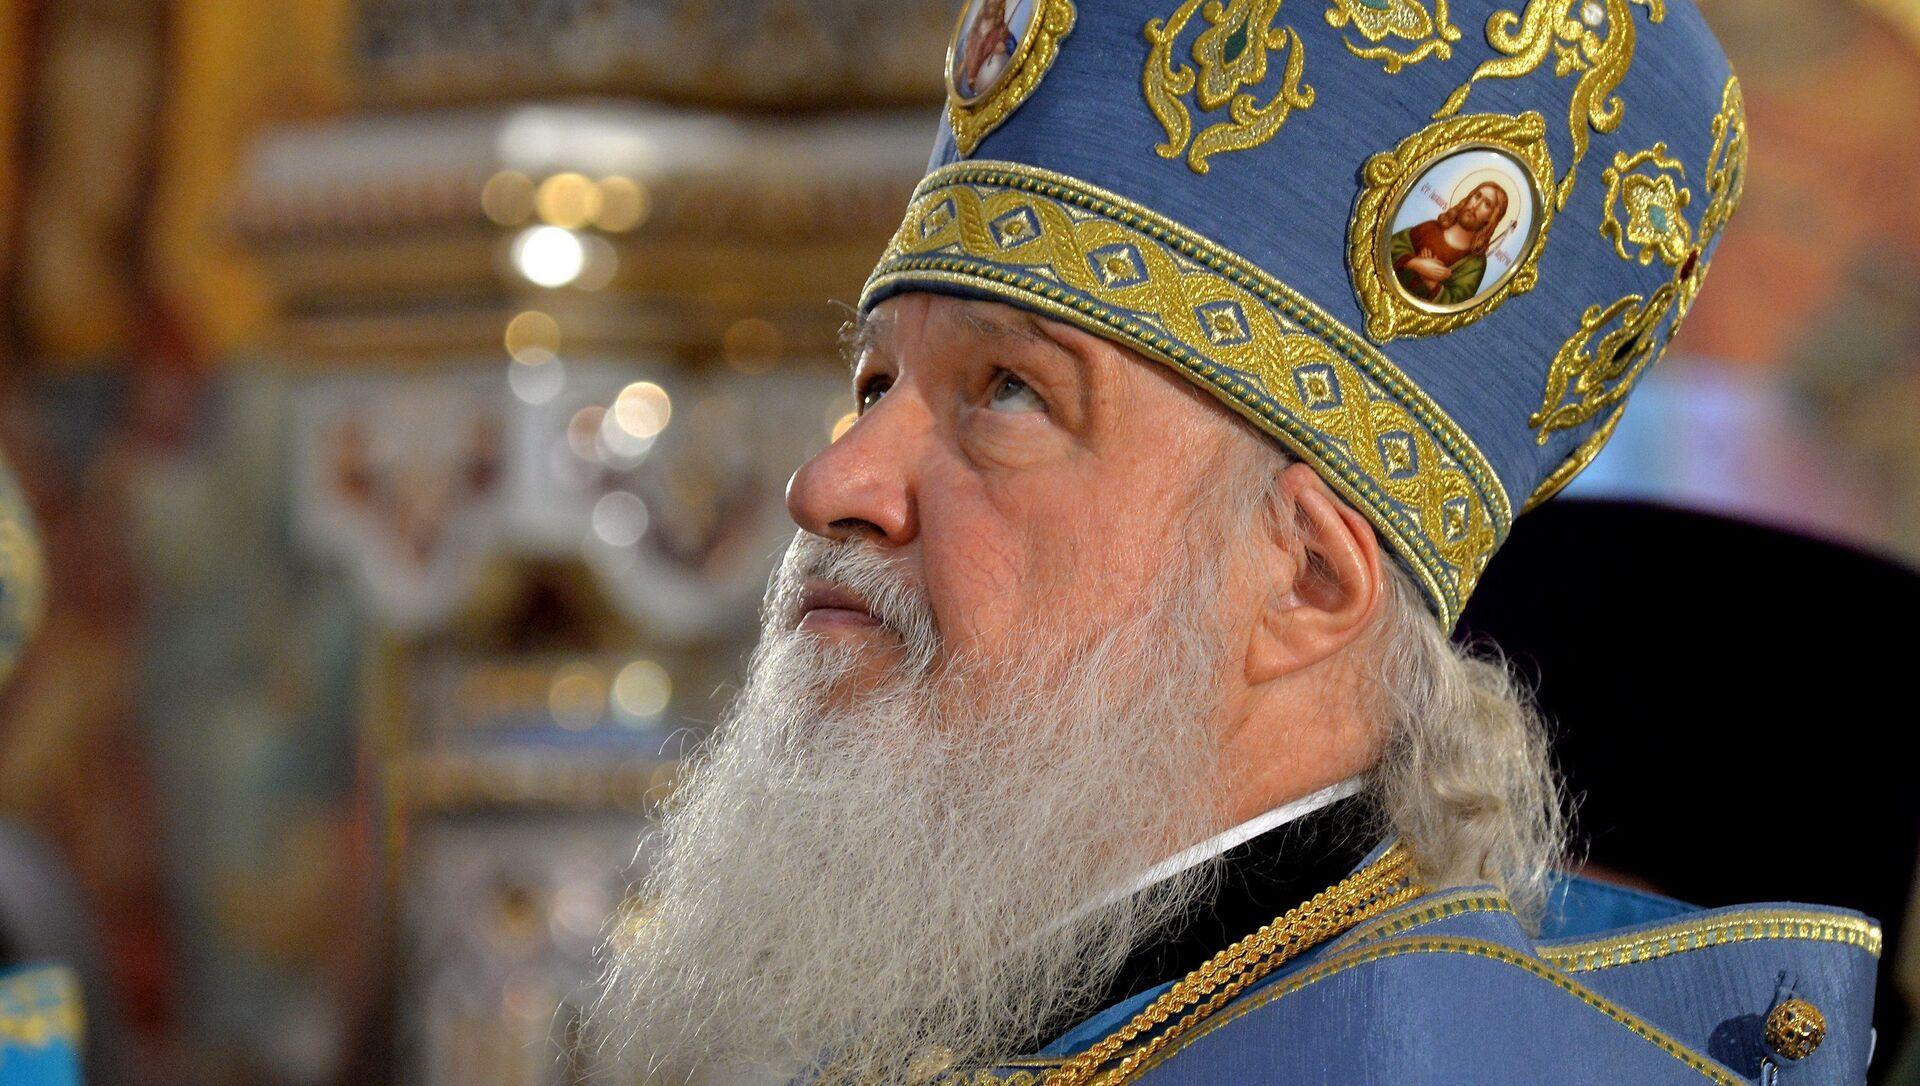 Патриарх Кирилл возглавил в новоосвященном храме первую Литургию - Sputnik Беларусь, 1920, 13.04.2021